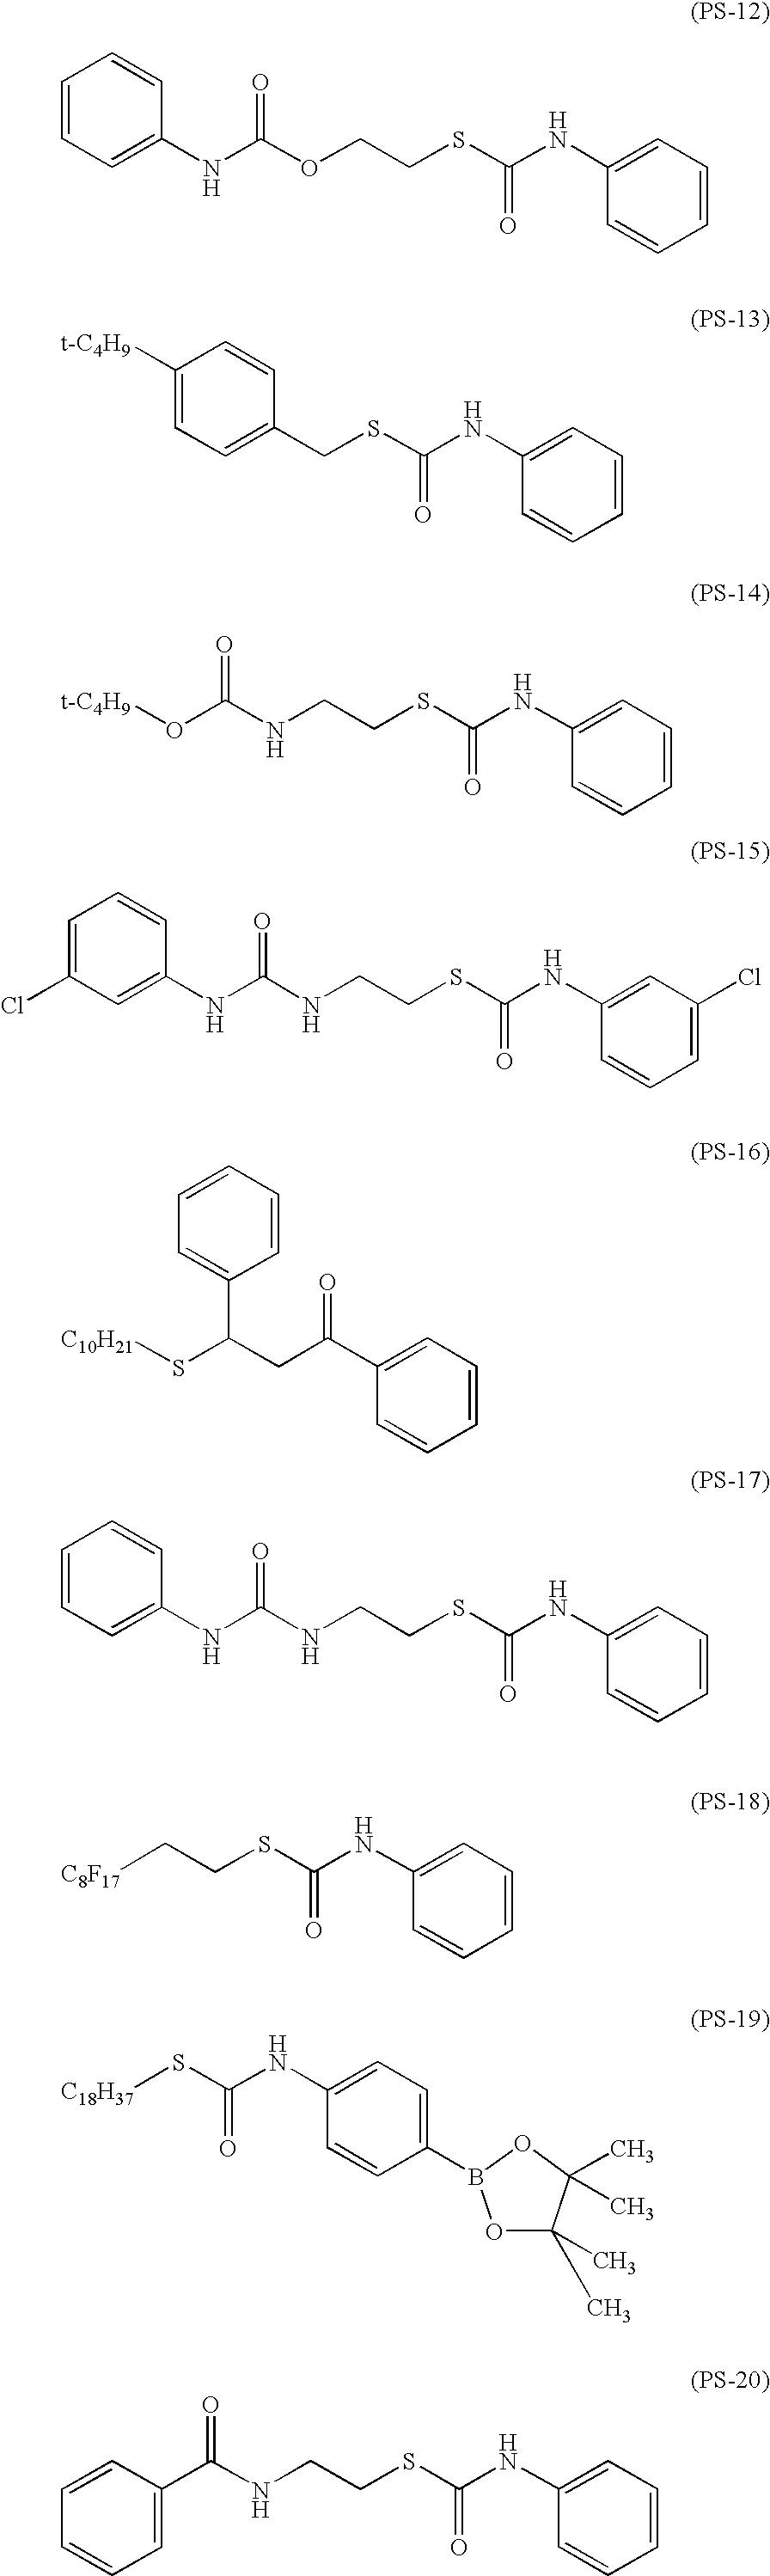 Figure US07169543-20070130-C00029